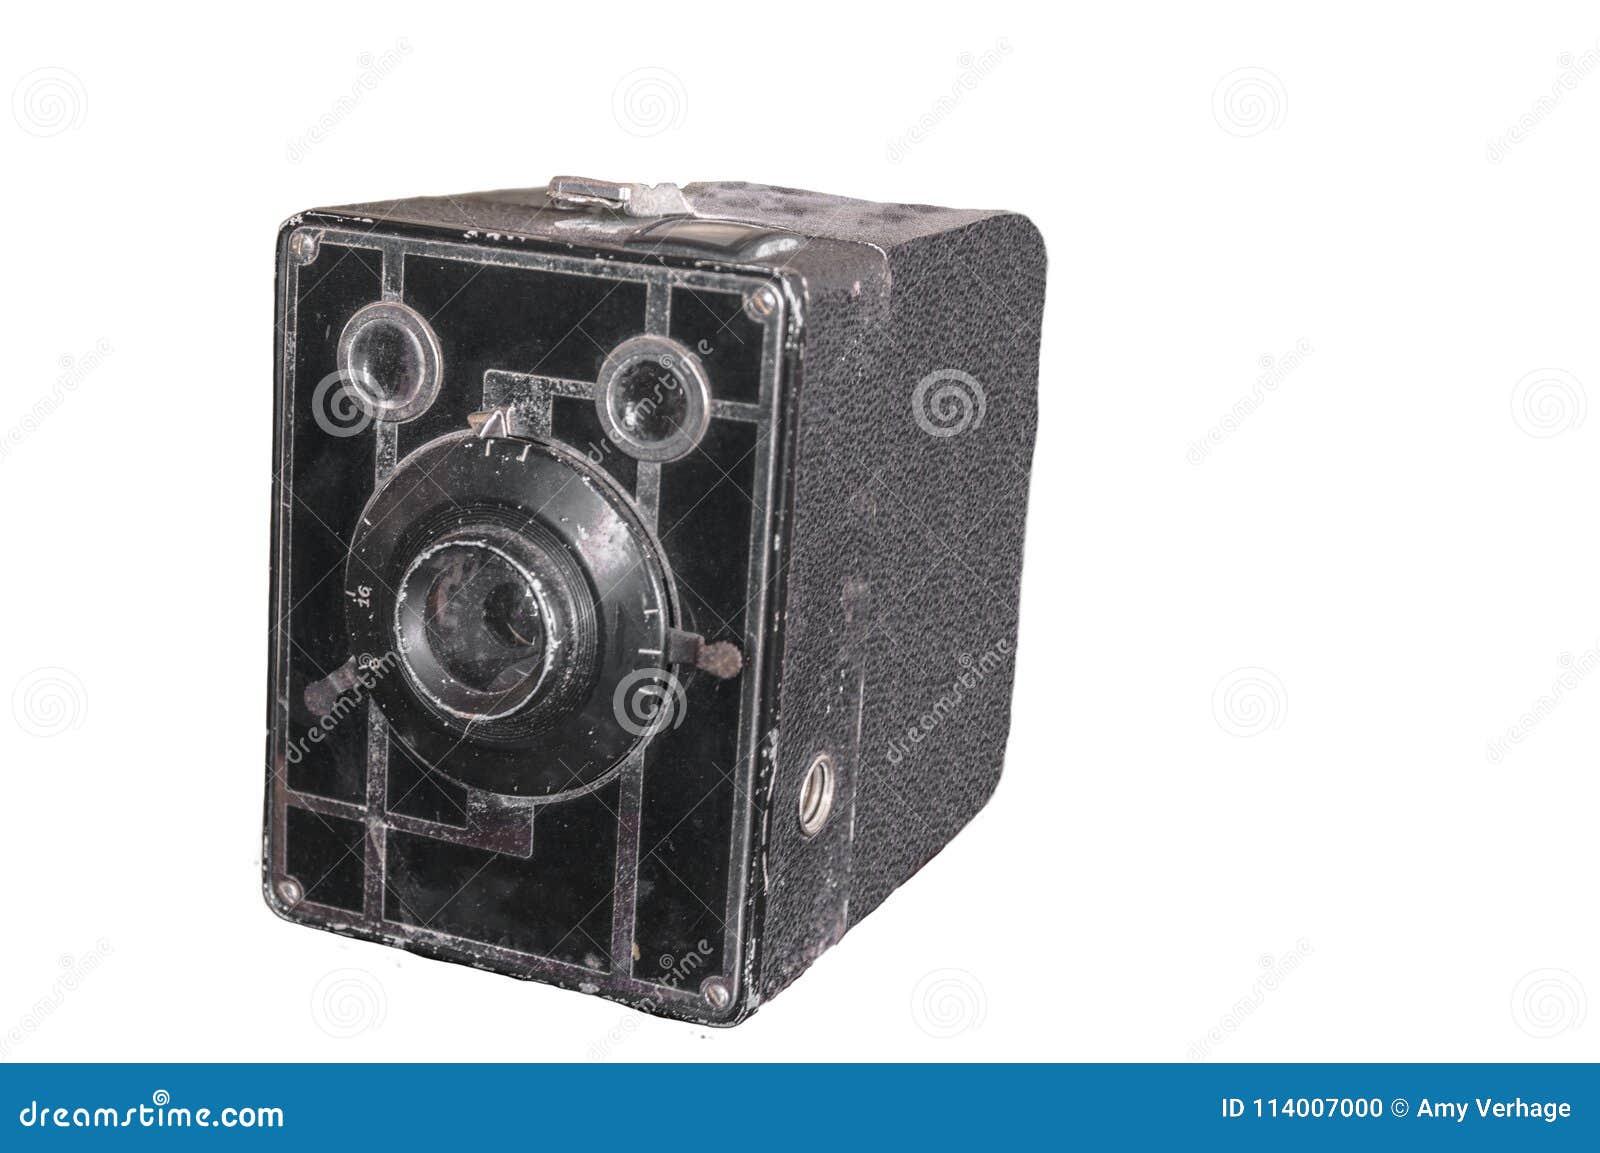 Imagen aislada de una cámara vieja